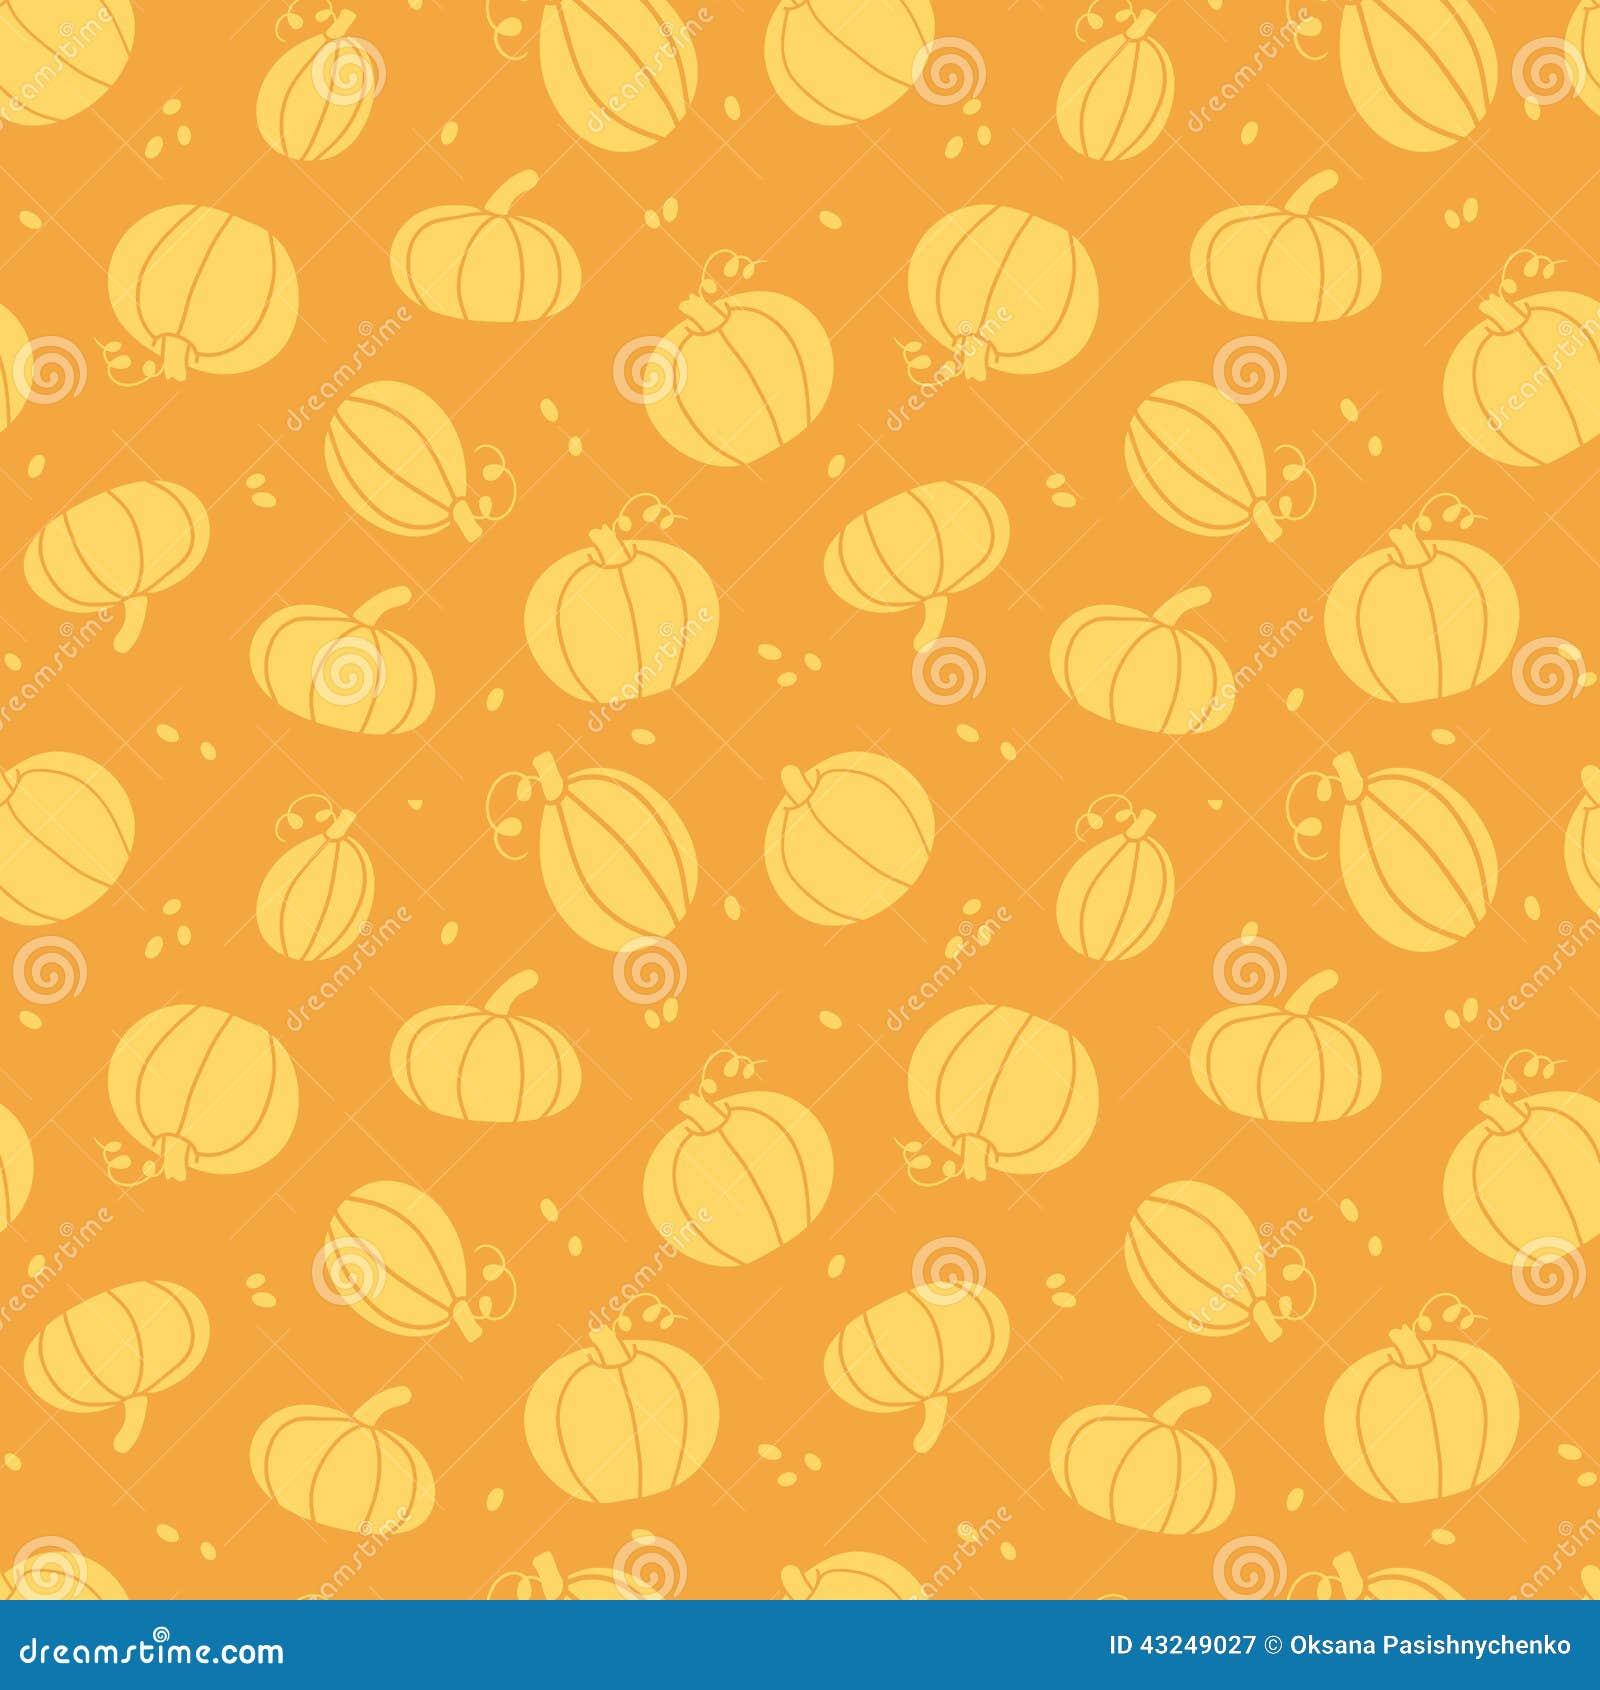 Thanksgiving Golden Pu...